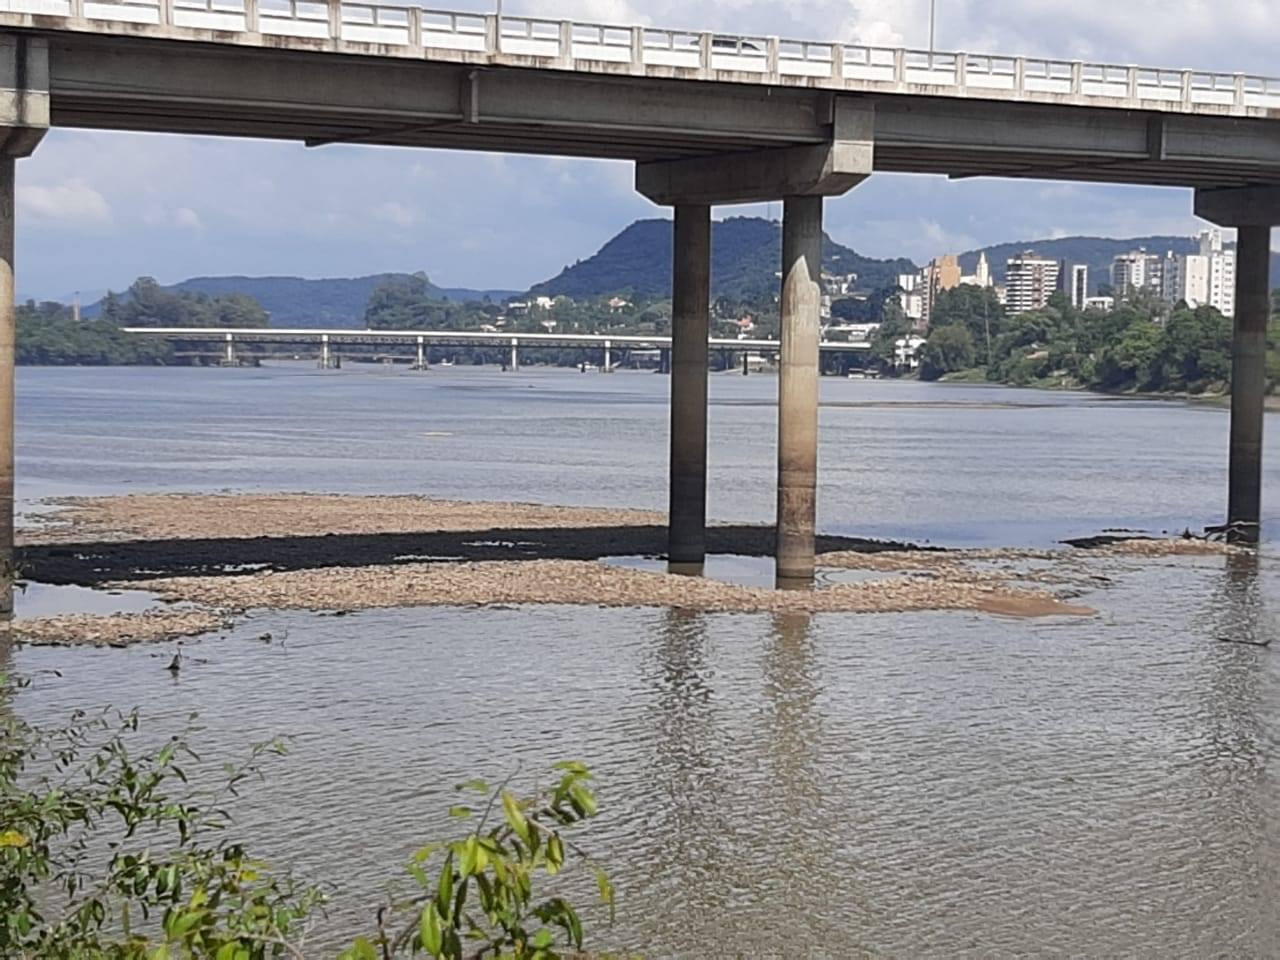 Estiagem faz Rio Iguaçu registrar nível mais baixo desde 1931, indica monitoramento